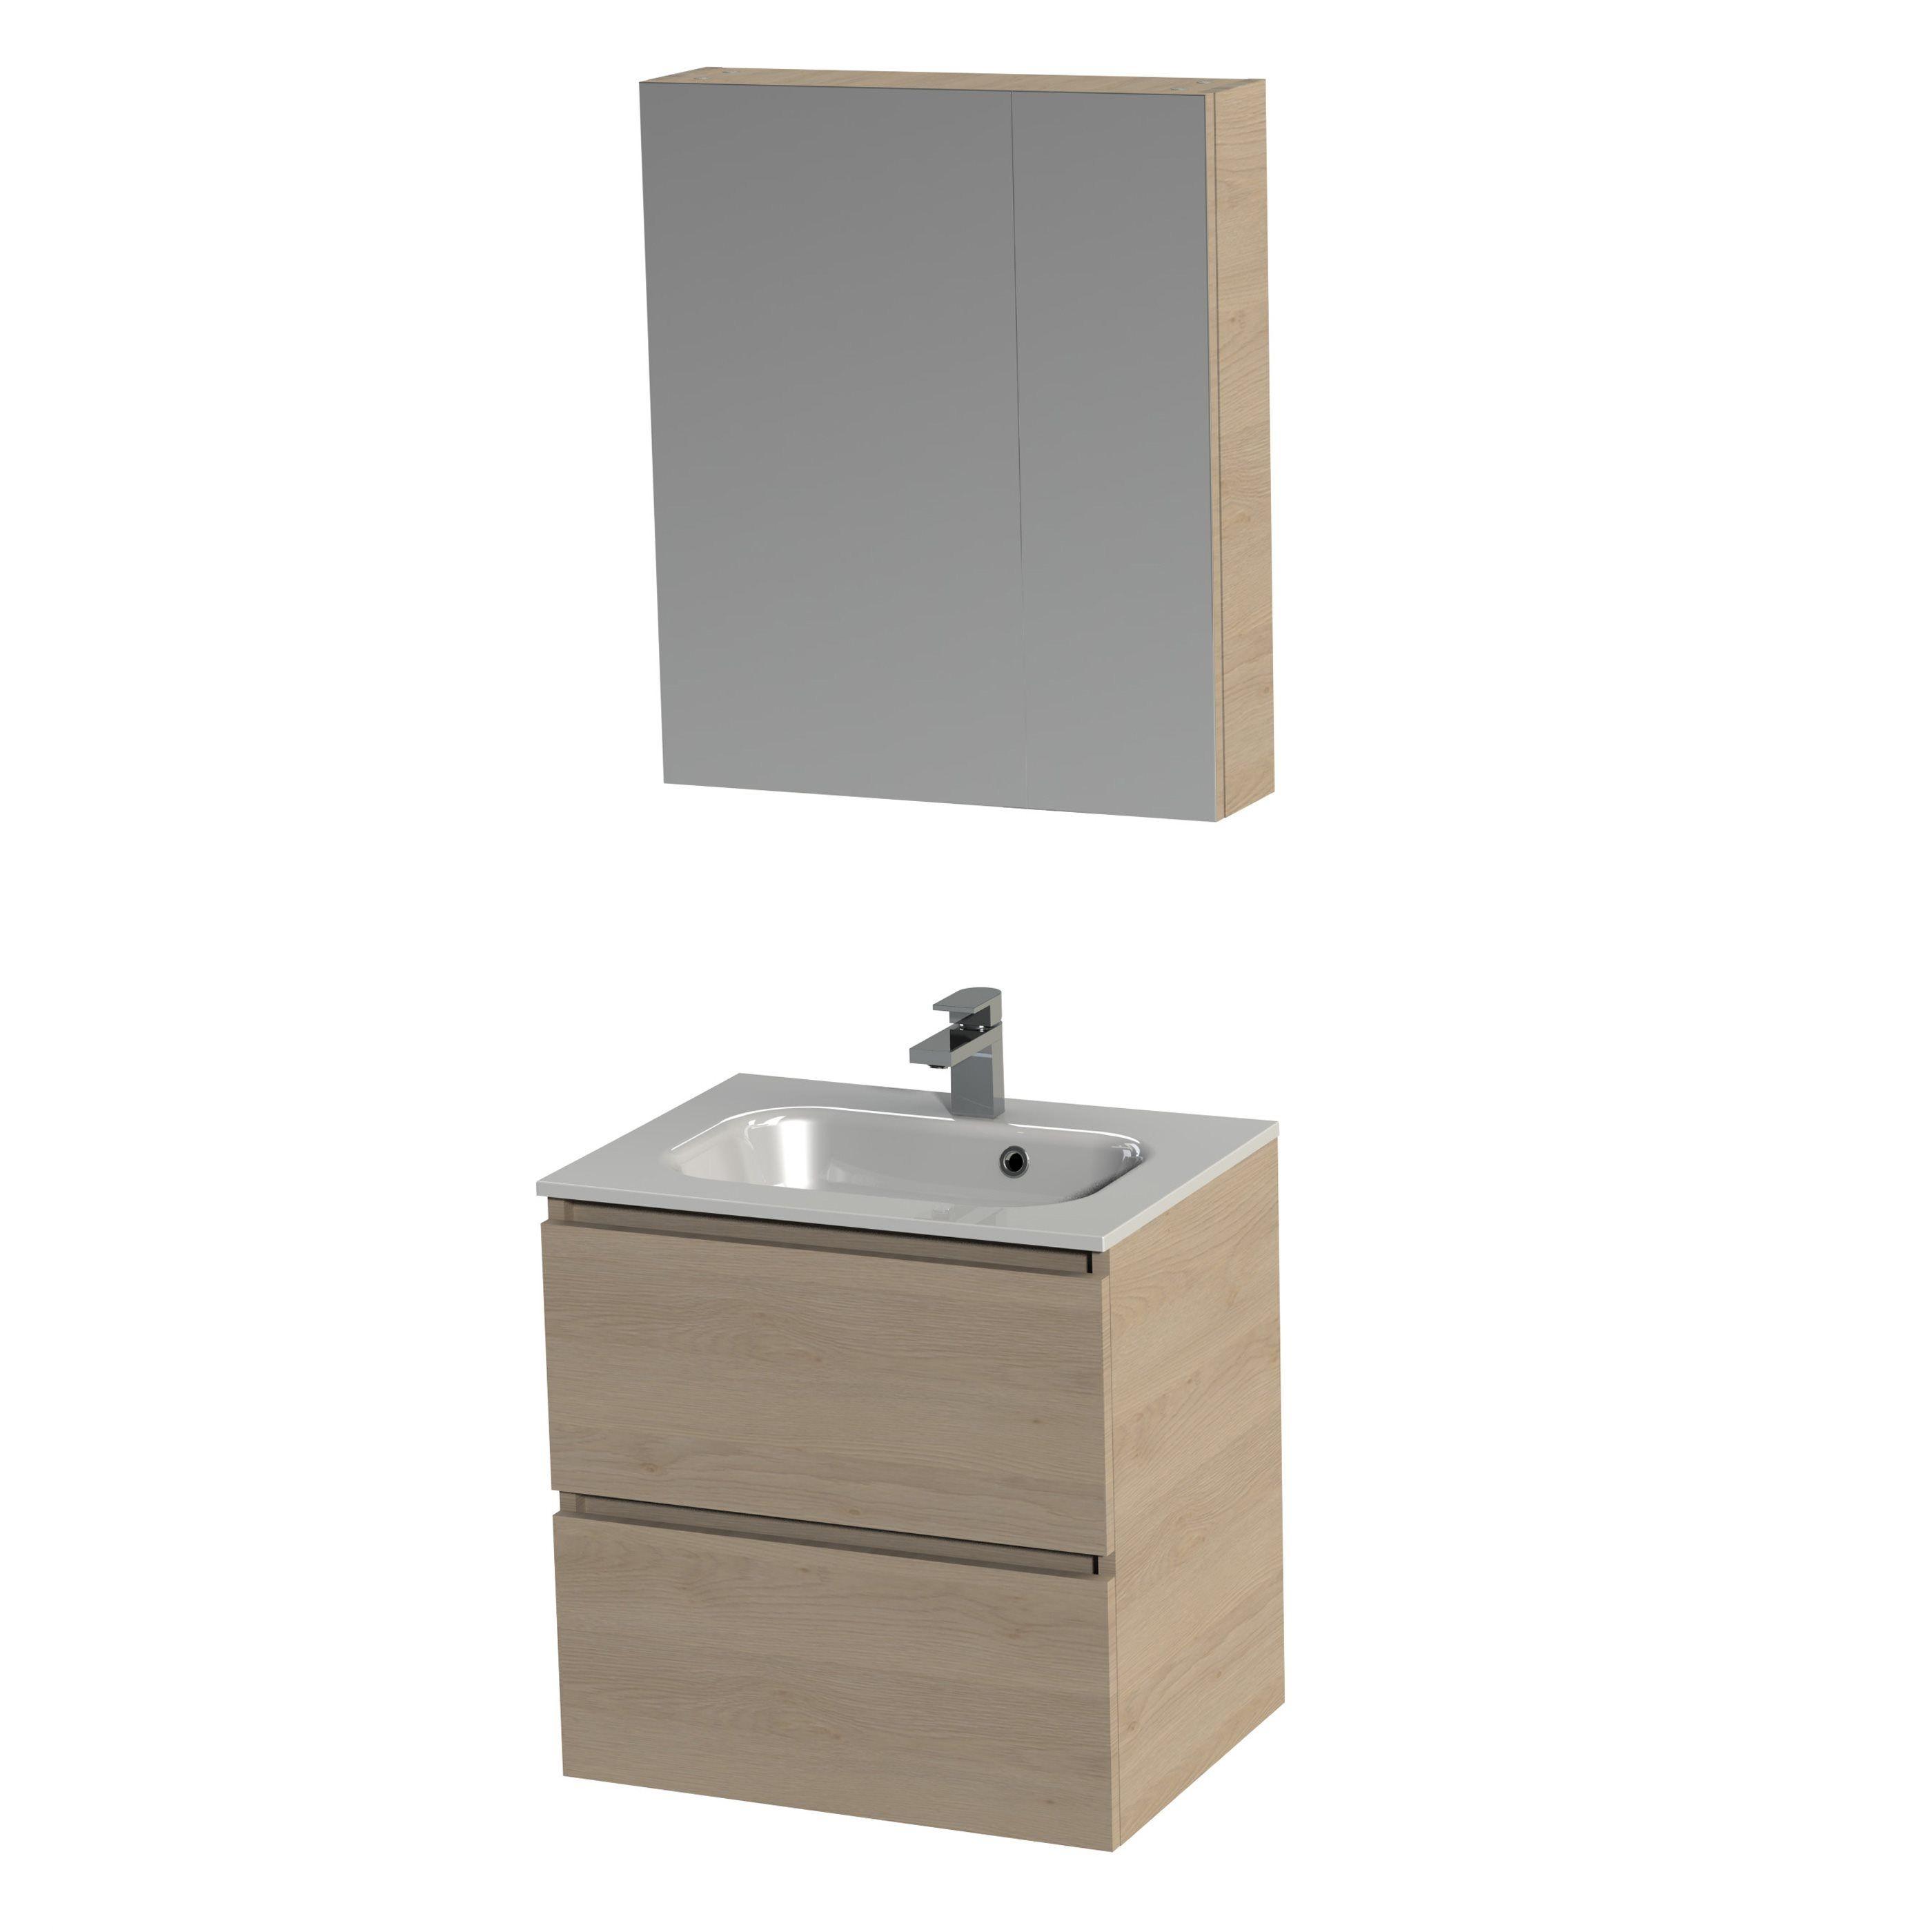 Badkamer accessoires tiger loft badmeubel met for Spiegelkast badkamer 60 cm